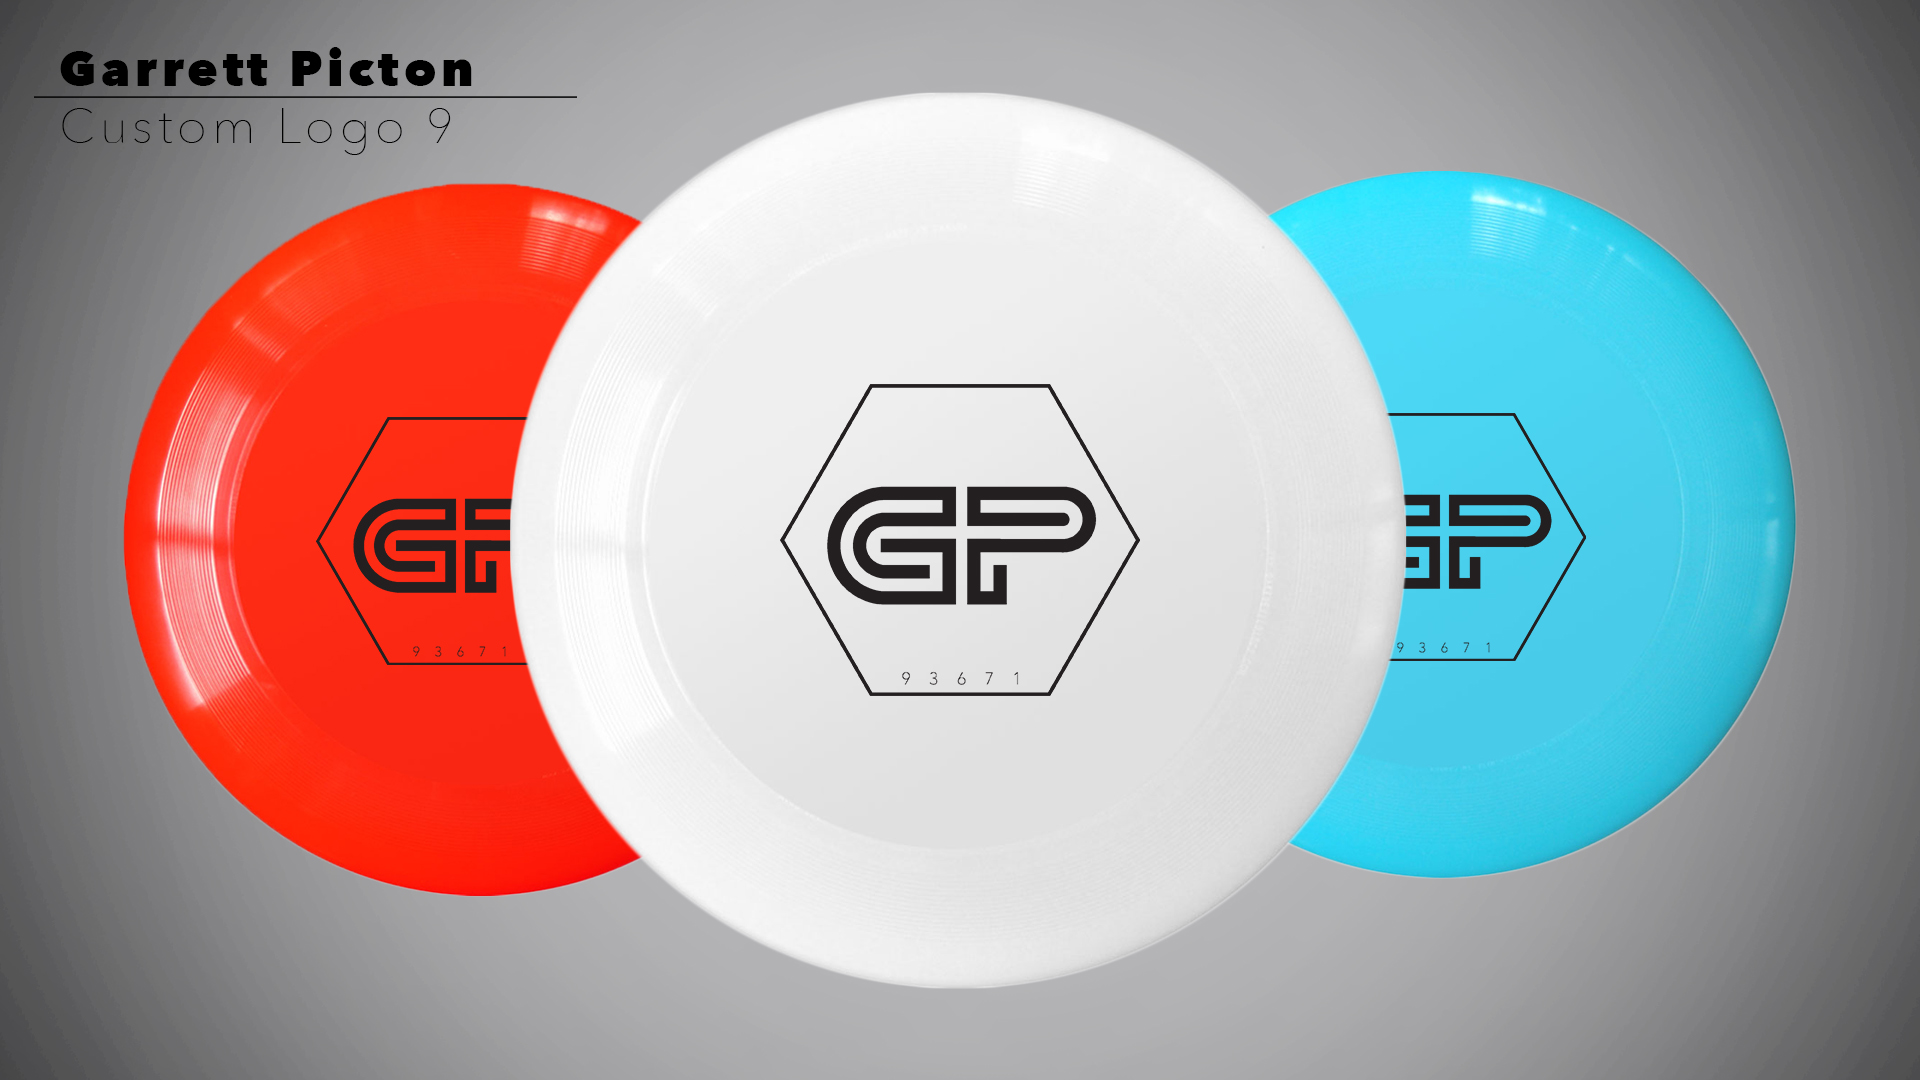 GP Custom Logo Mockup 9.jpg